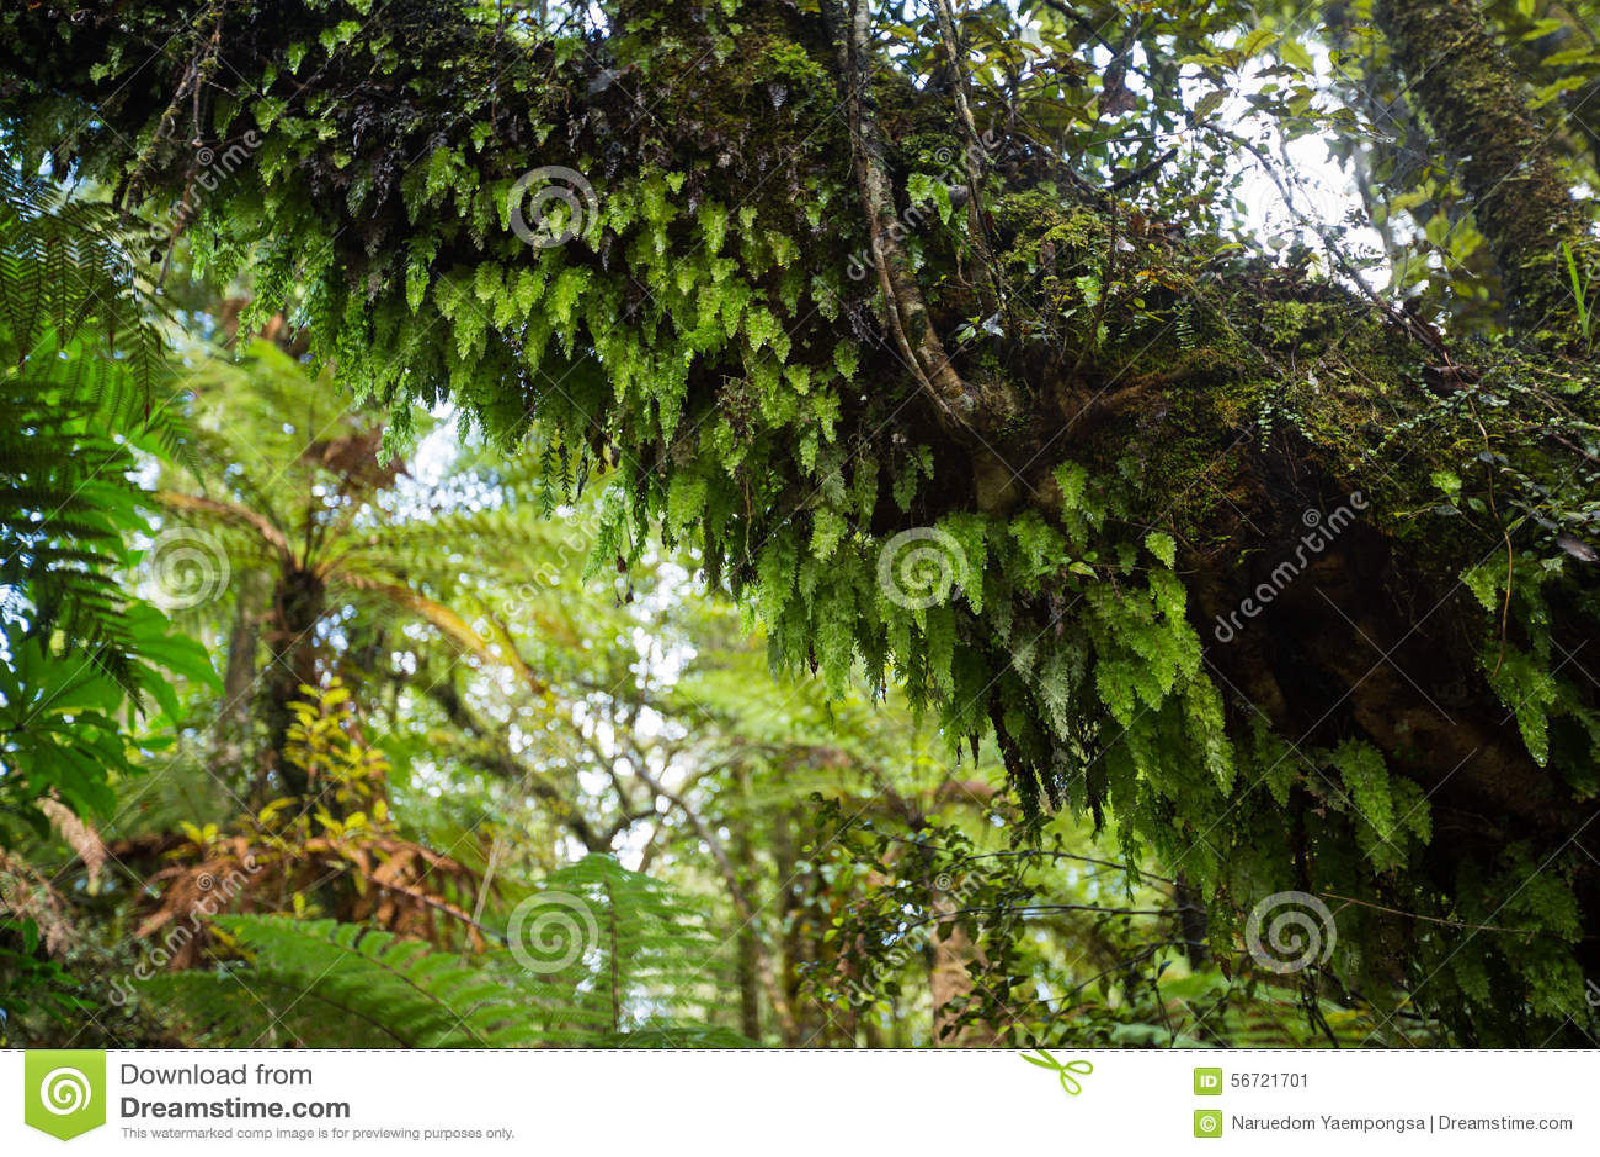 Infödd buske av Nya Zeeland